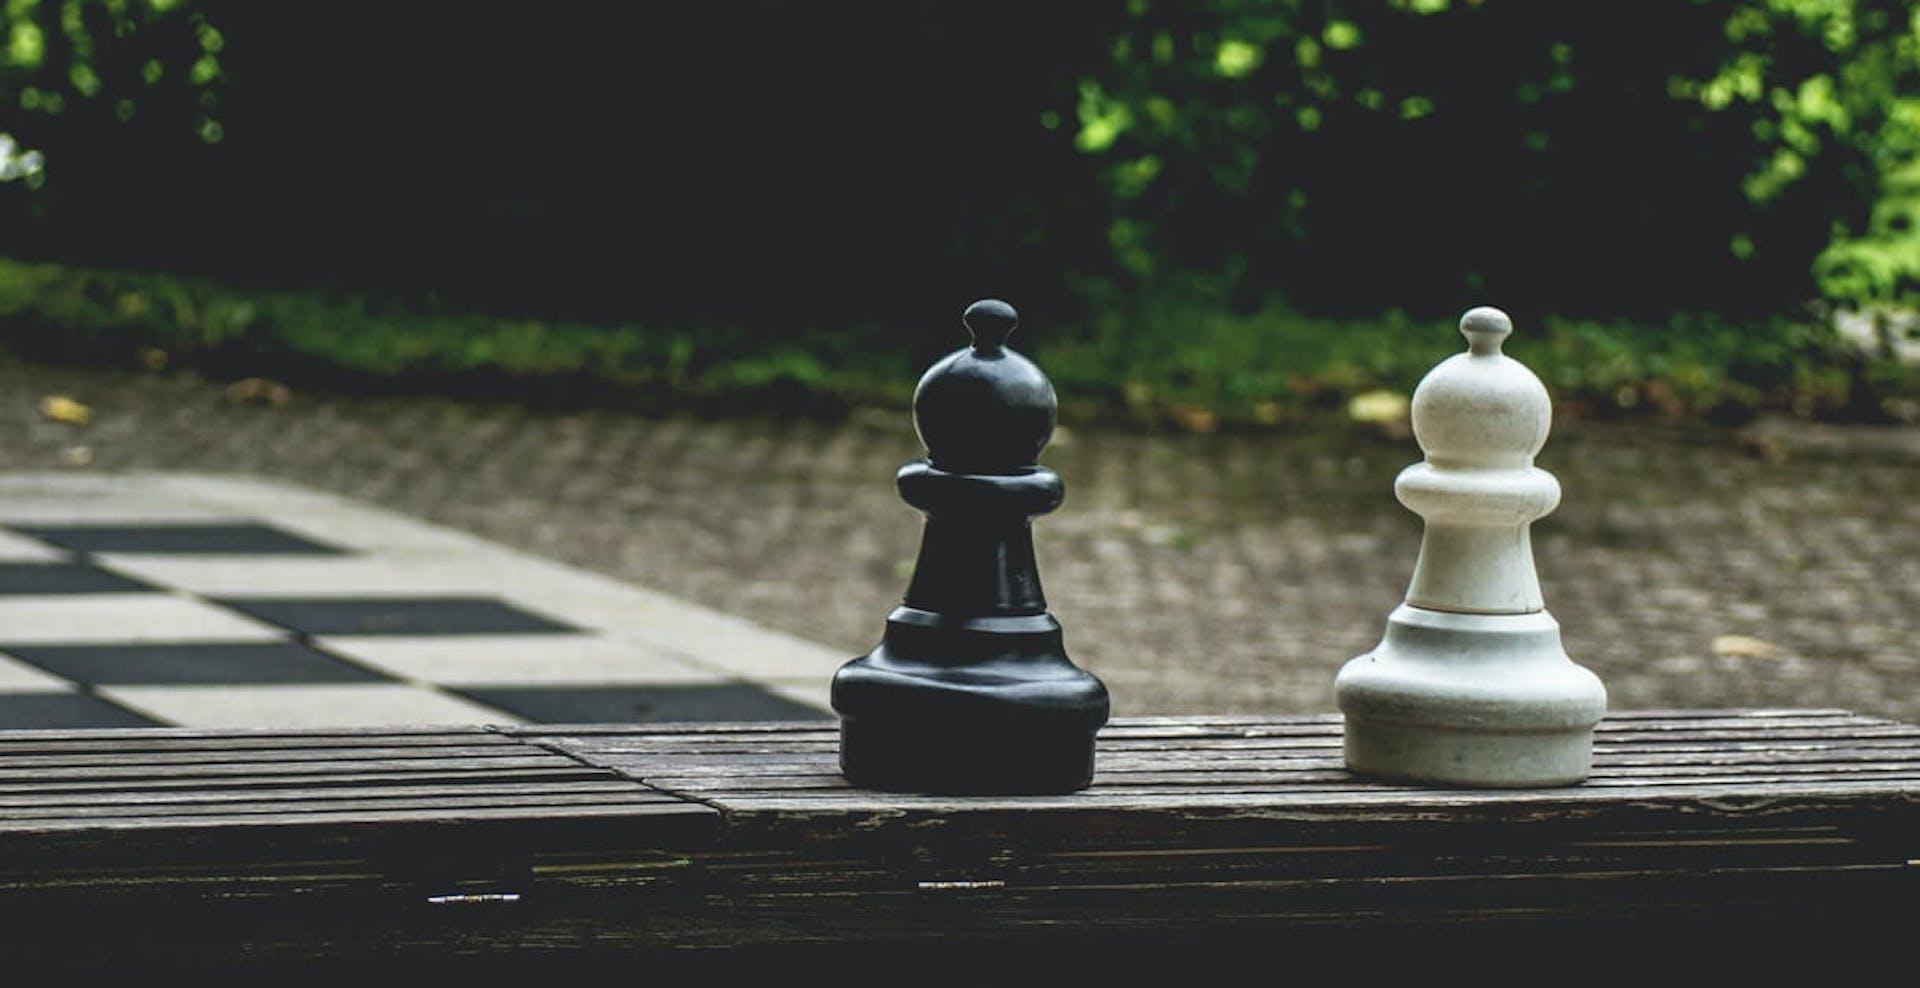 Descubre el significado del alfil en el ajedrez, la pieza de largo alcance